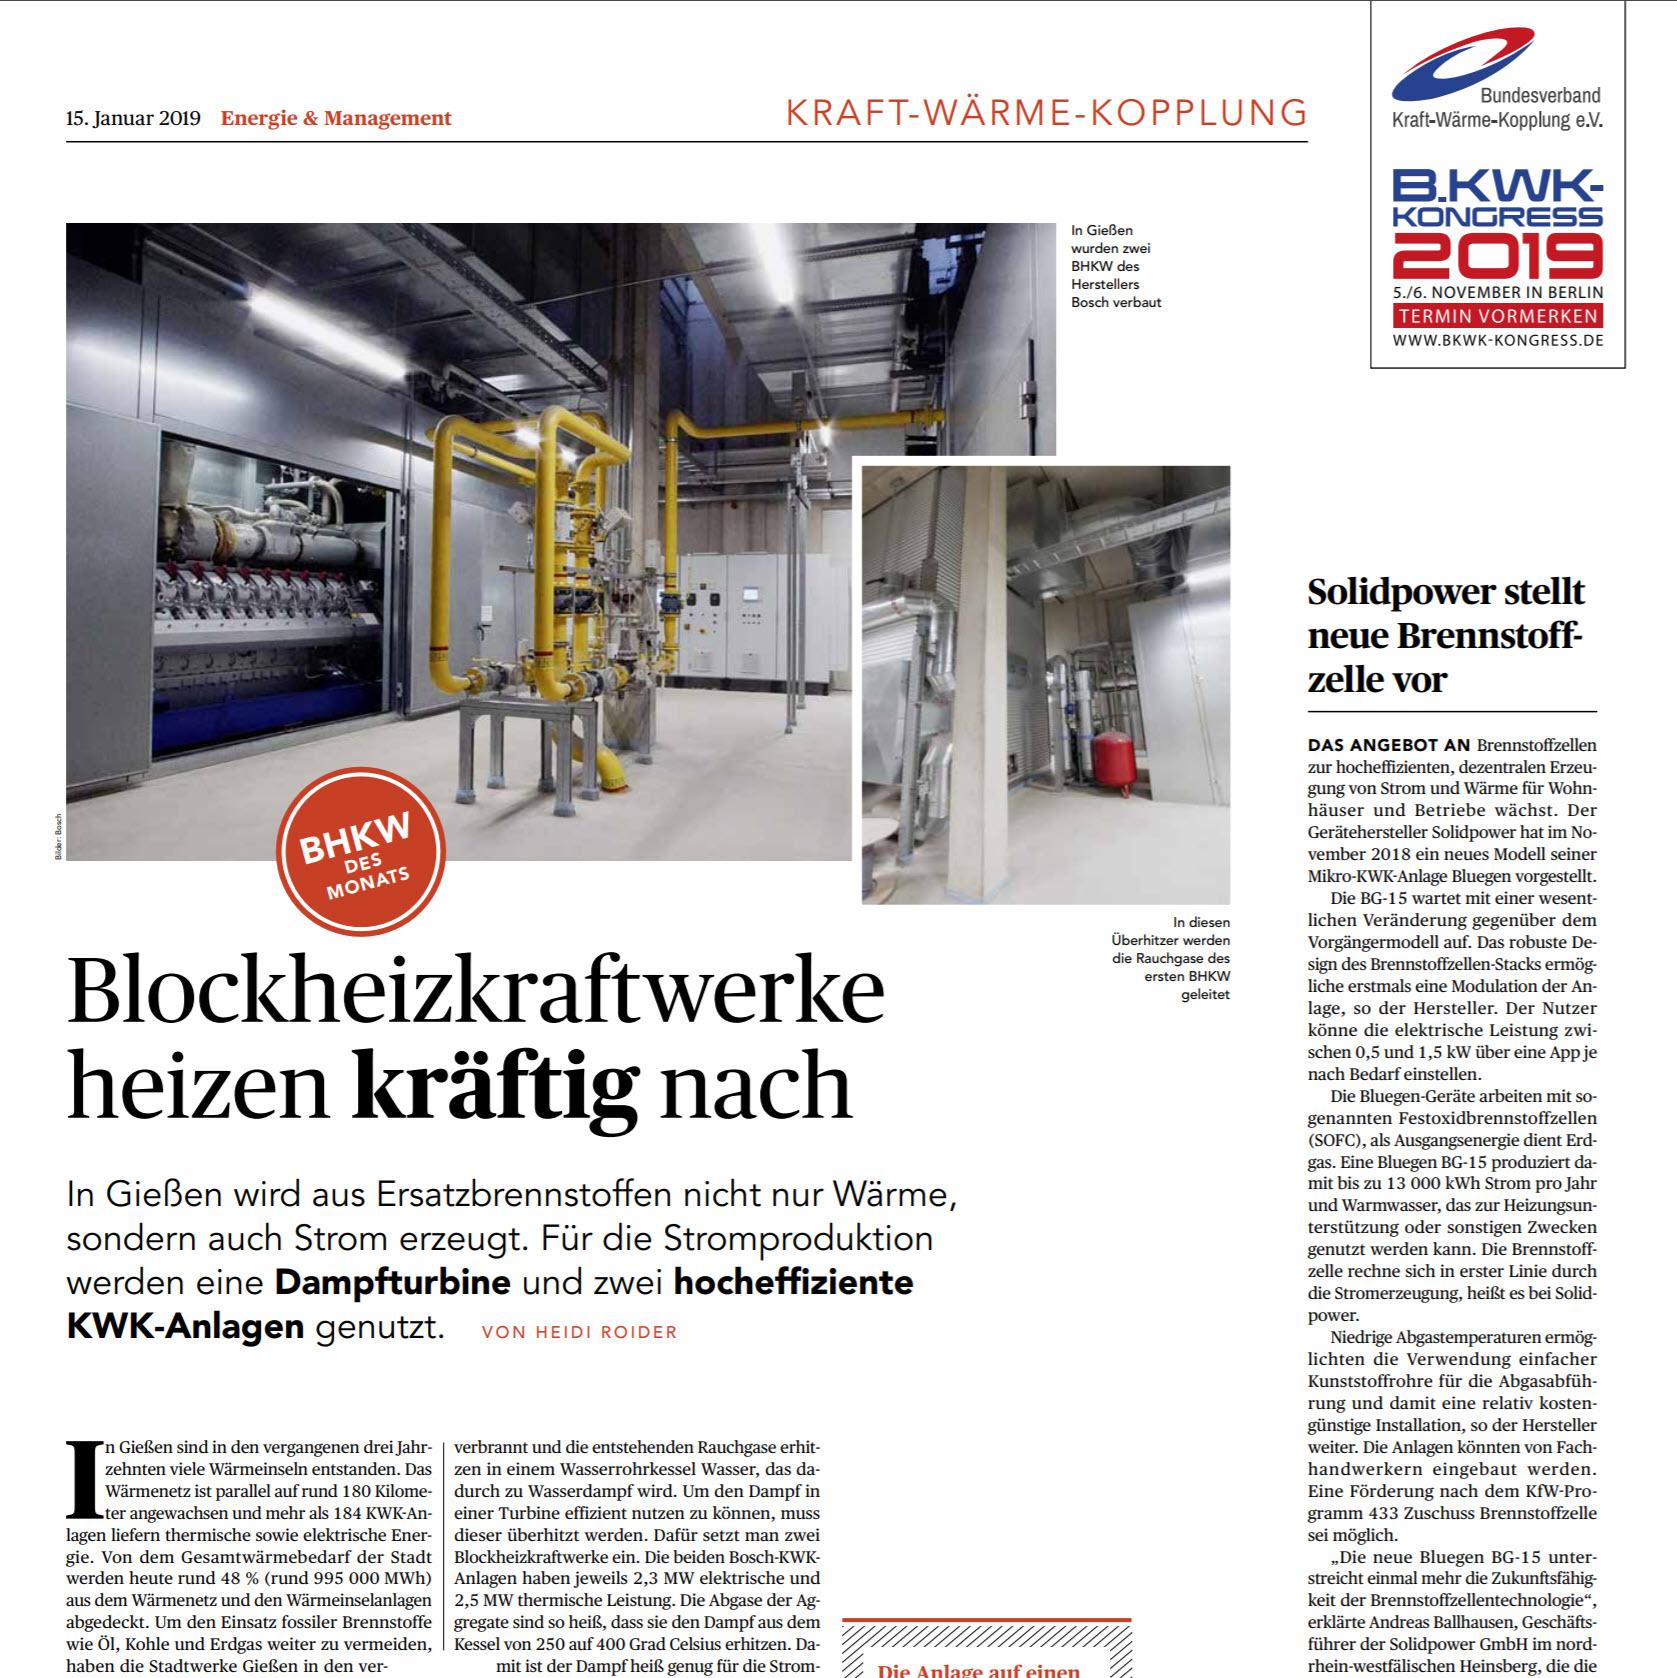 Blockheizkraftwerke heizen kräftig nach